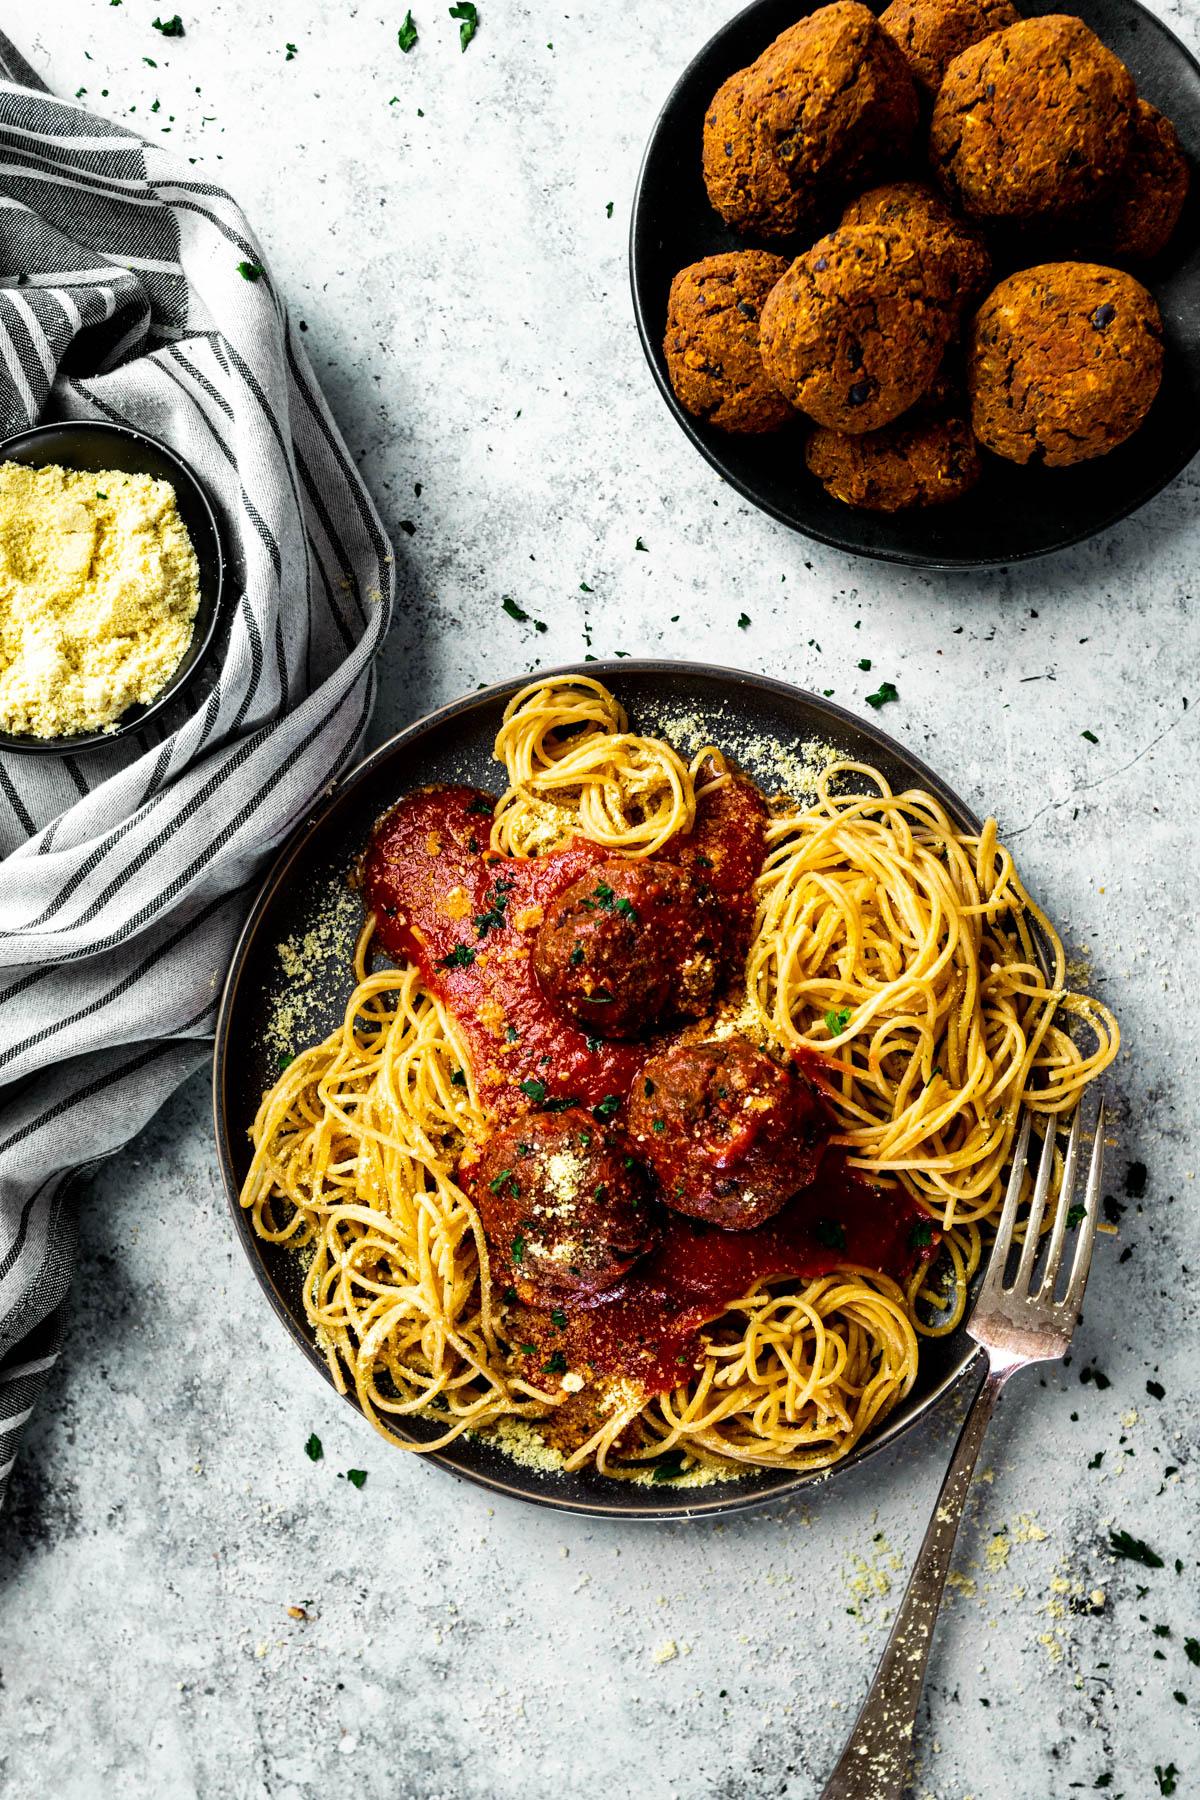 Vogelblick auf einen Teller mit Spaghetti, veganen Fleischbällchen und Marinara-Sauce und einen Teller mit Fleischbällchen und eine Schüssel mit veganem Parmesan.